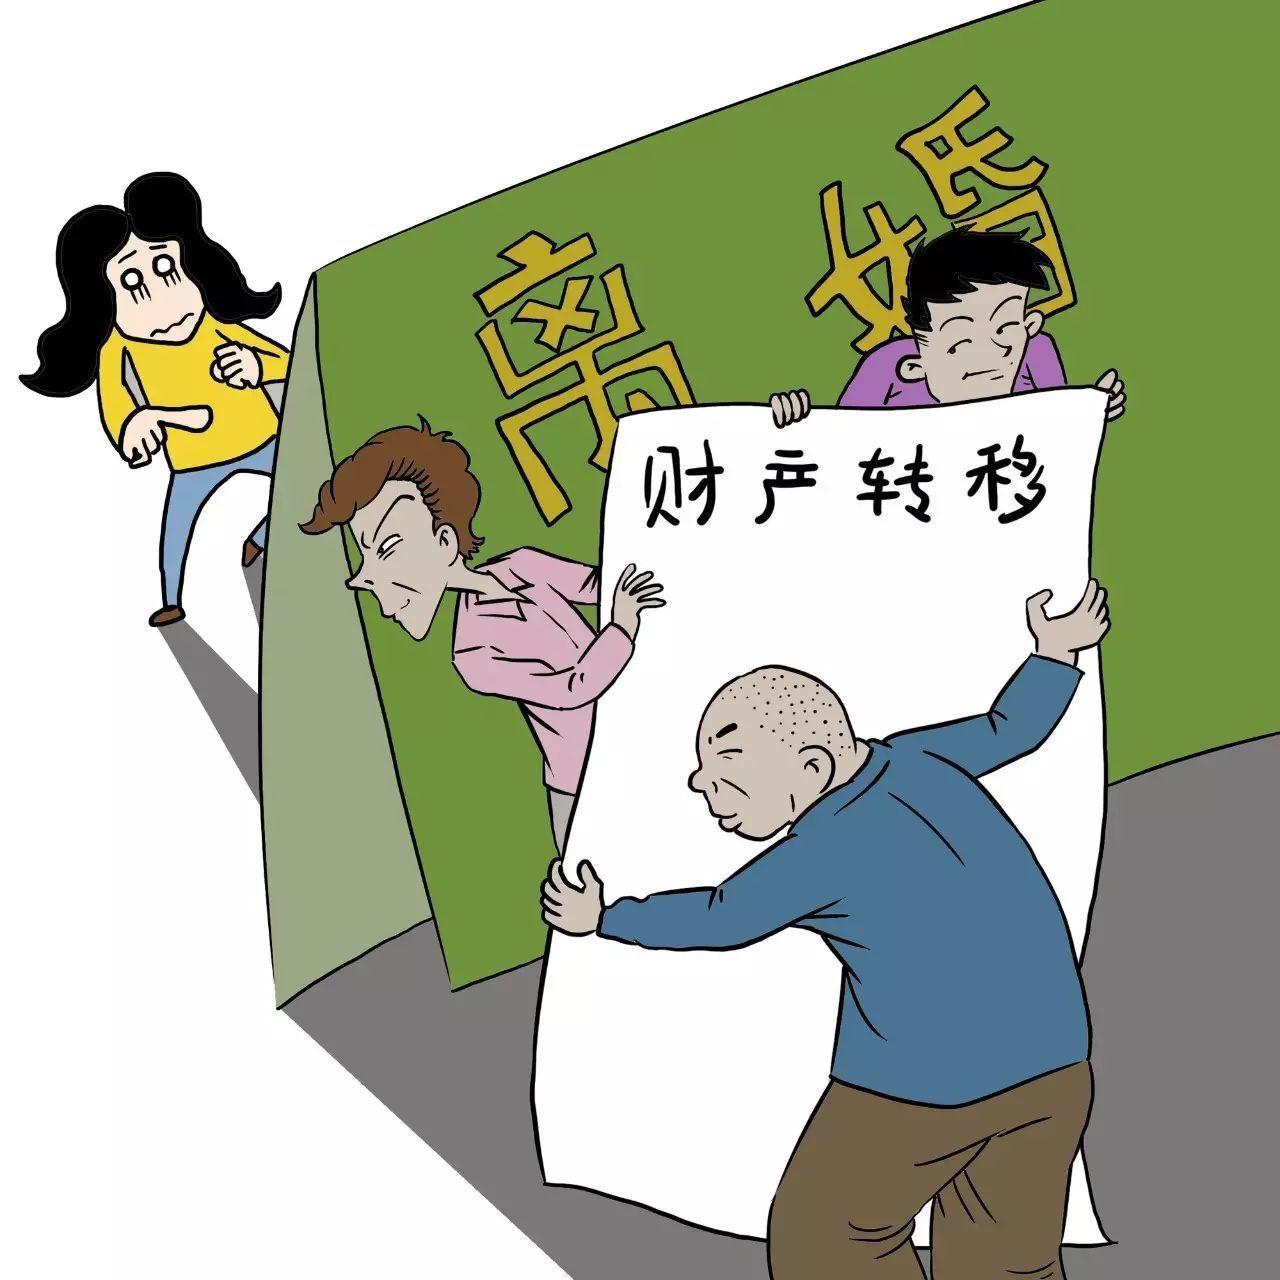 【南京离婚律师谢保平法律咨询】离婚转移财产可判净身出户